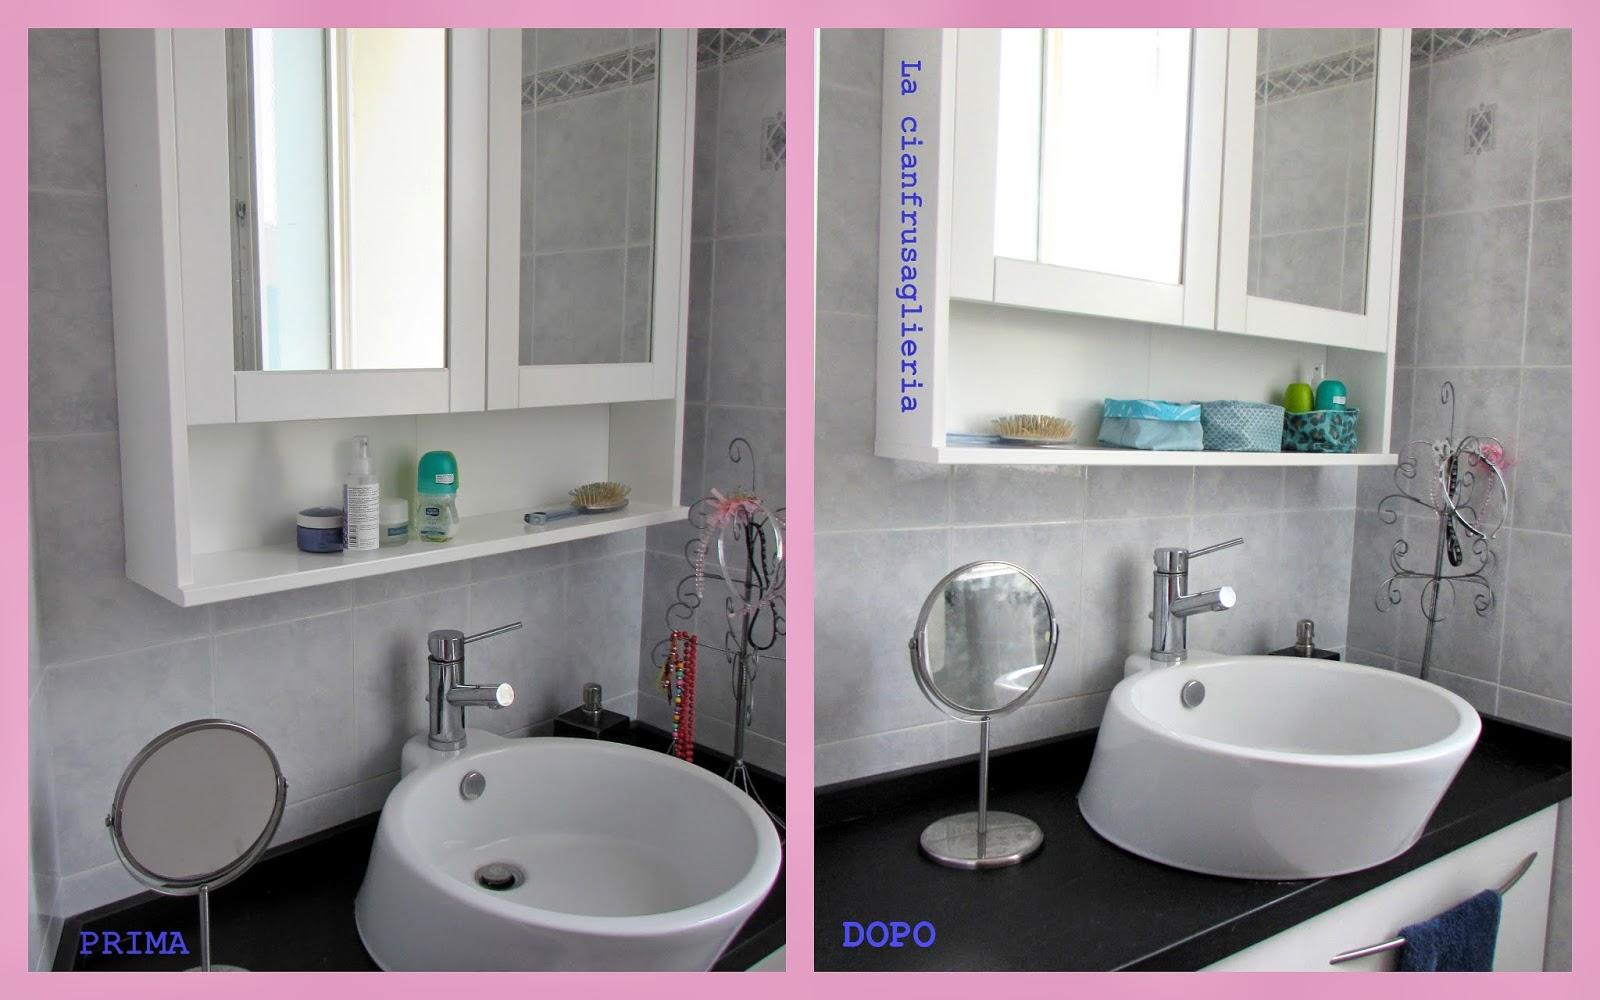 La cianfrusaglieria contenitori in stoffa per il bagno colore e ordine - Contenitori per bagno ...